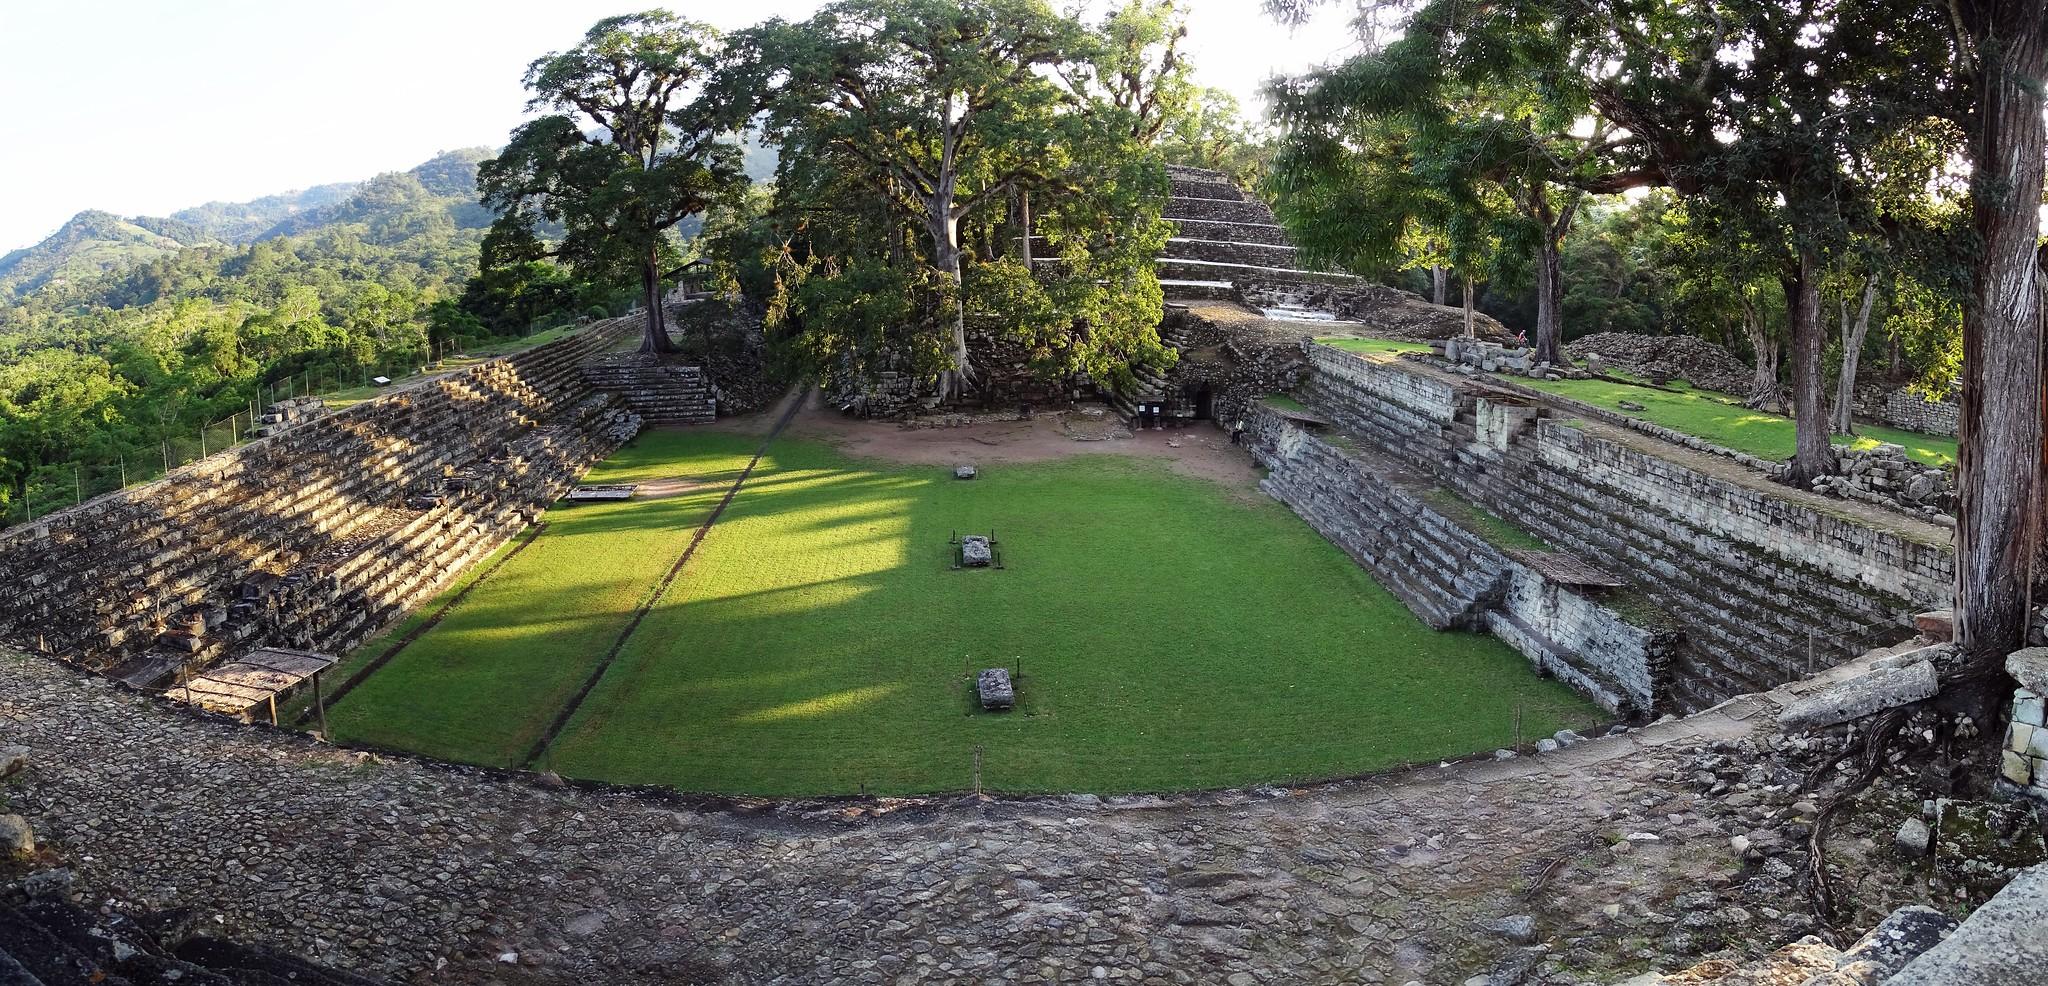 vista Plaza Oriental o Plaza de los Jaguares edificios sitio arqueologico Maya de Copan Honduras